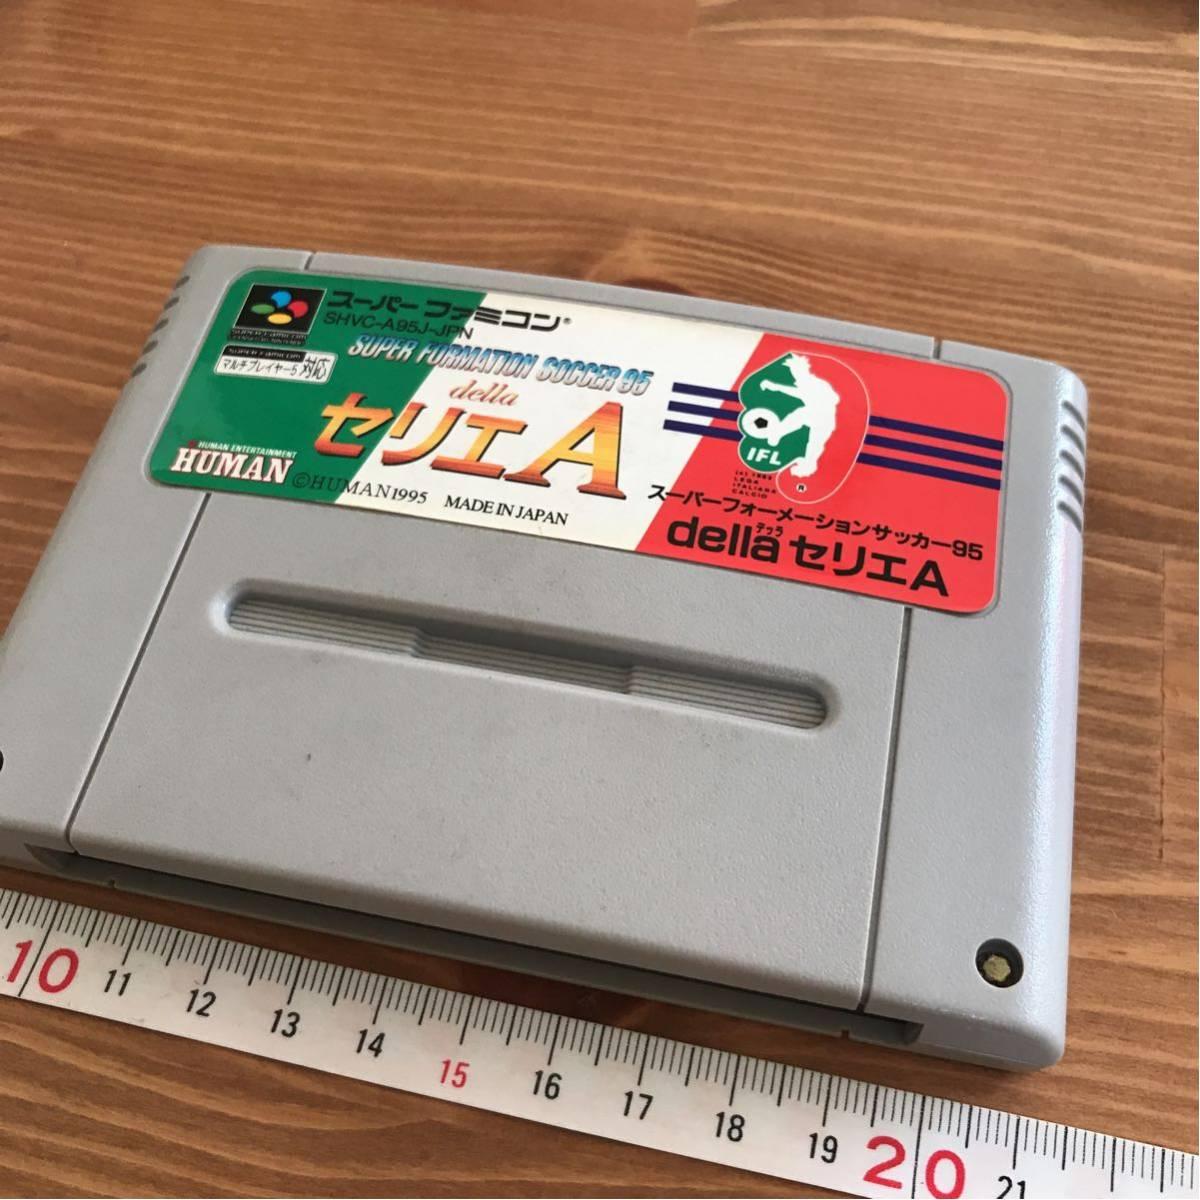 スーパーファミコン用ソフト スーパーフォーメーションサッカー95 テッラセリエA